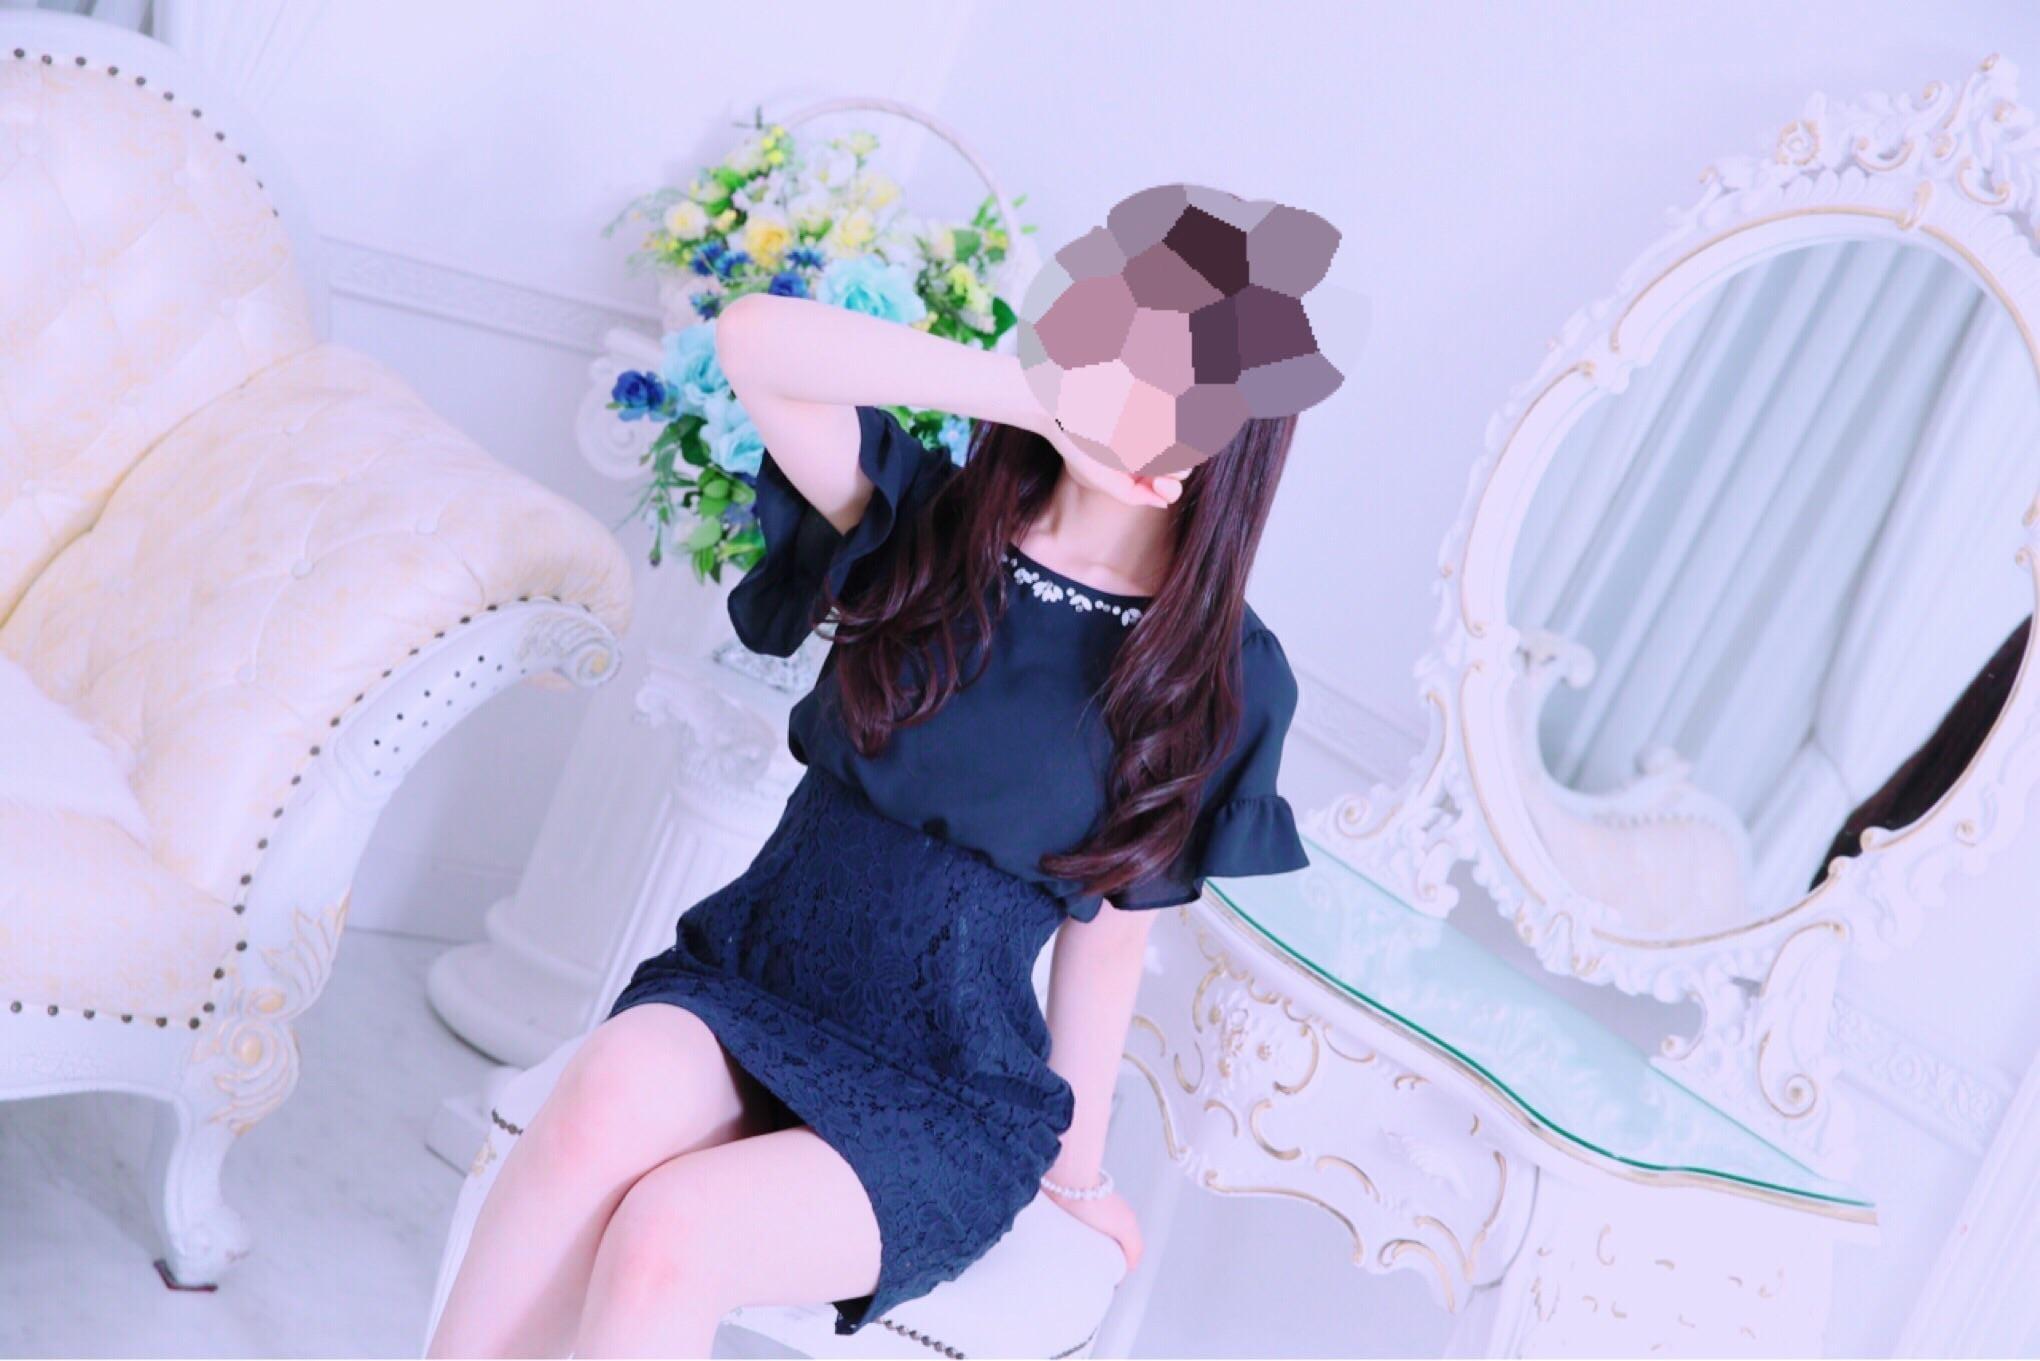 「【欲に忠実】」10/02(火) 13:30 | 新人・ゆきの☆視線を釘づけの写メ・風俗動画